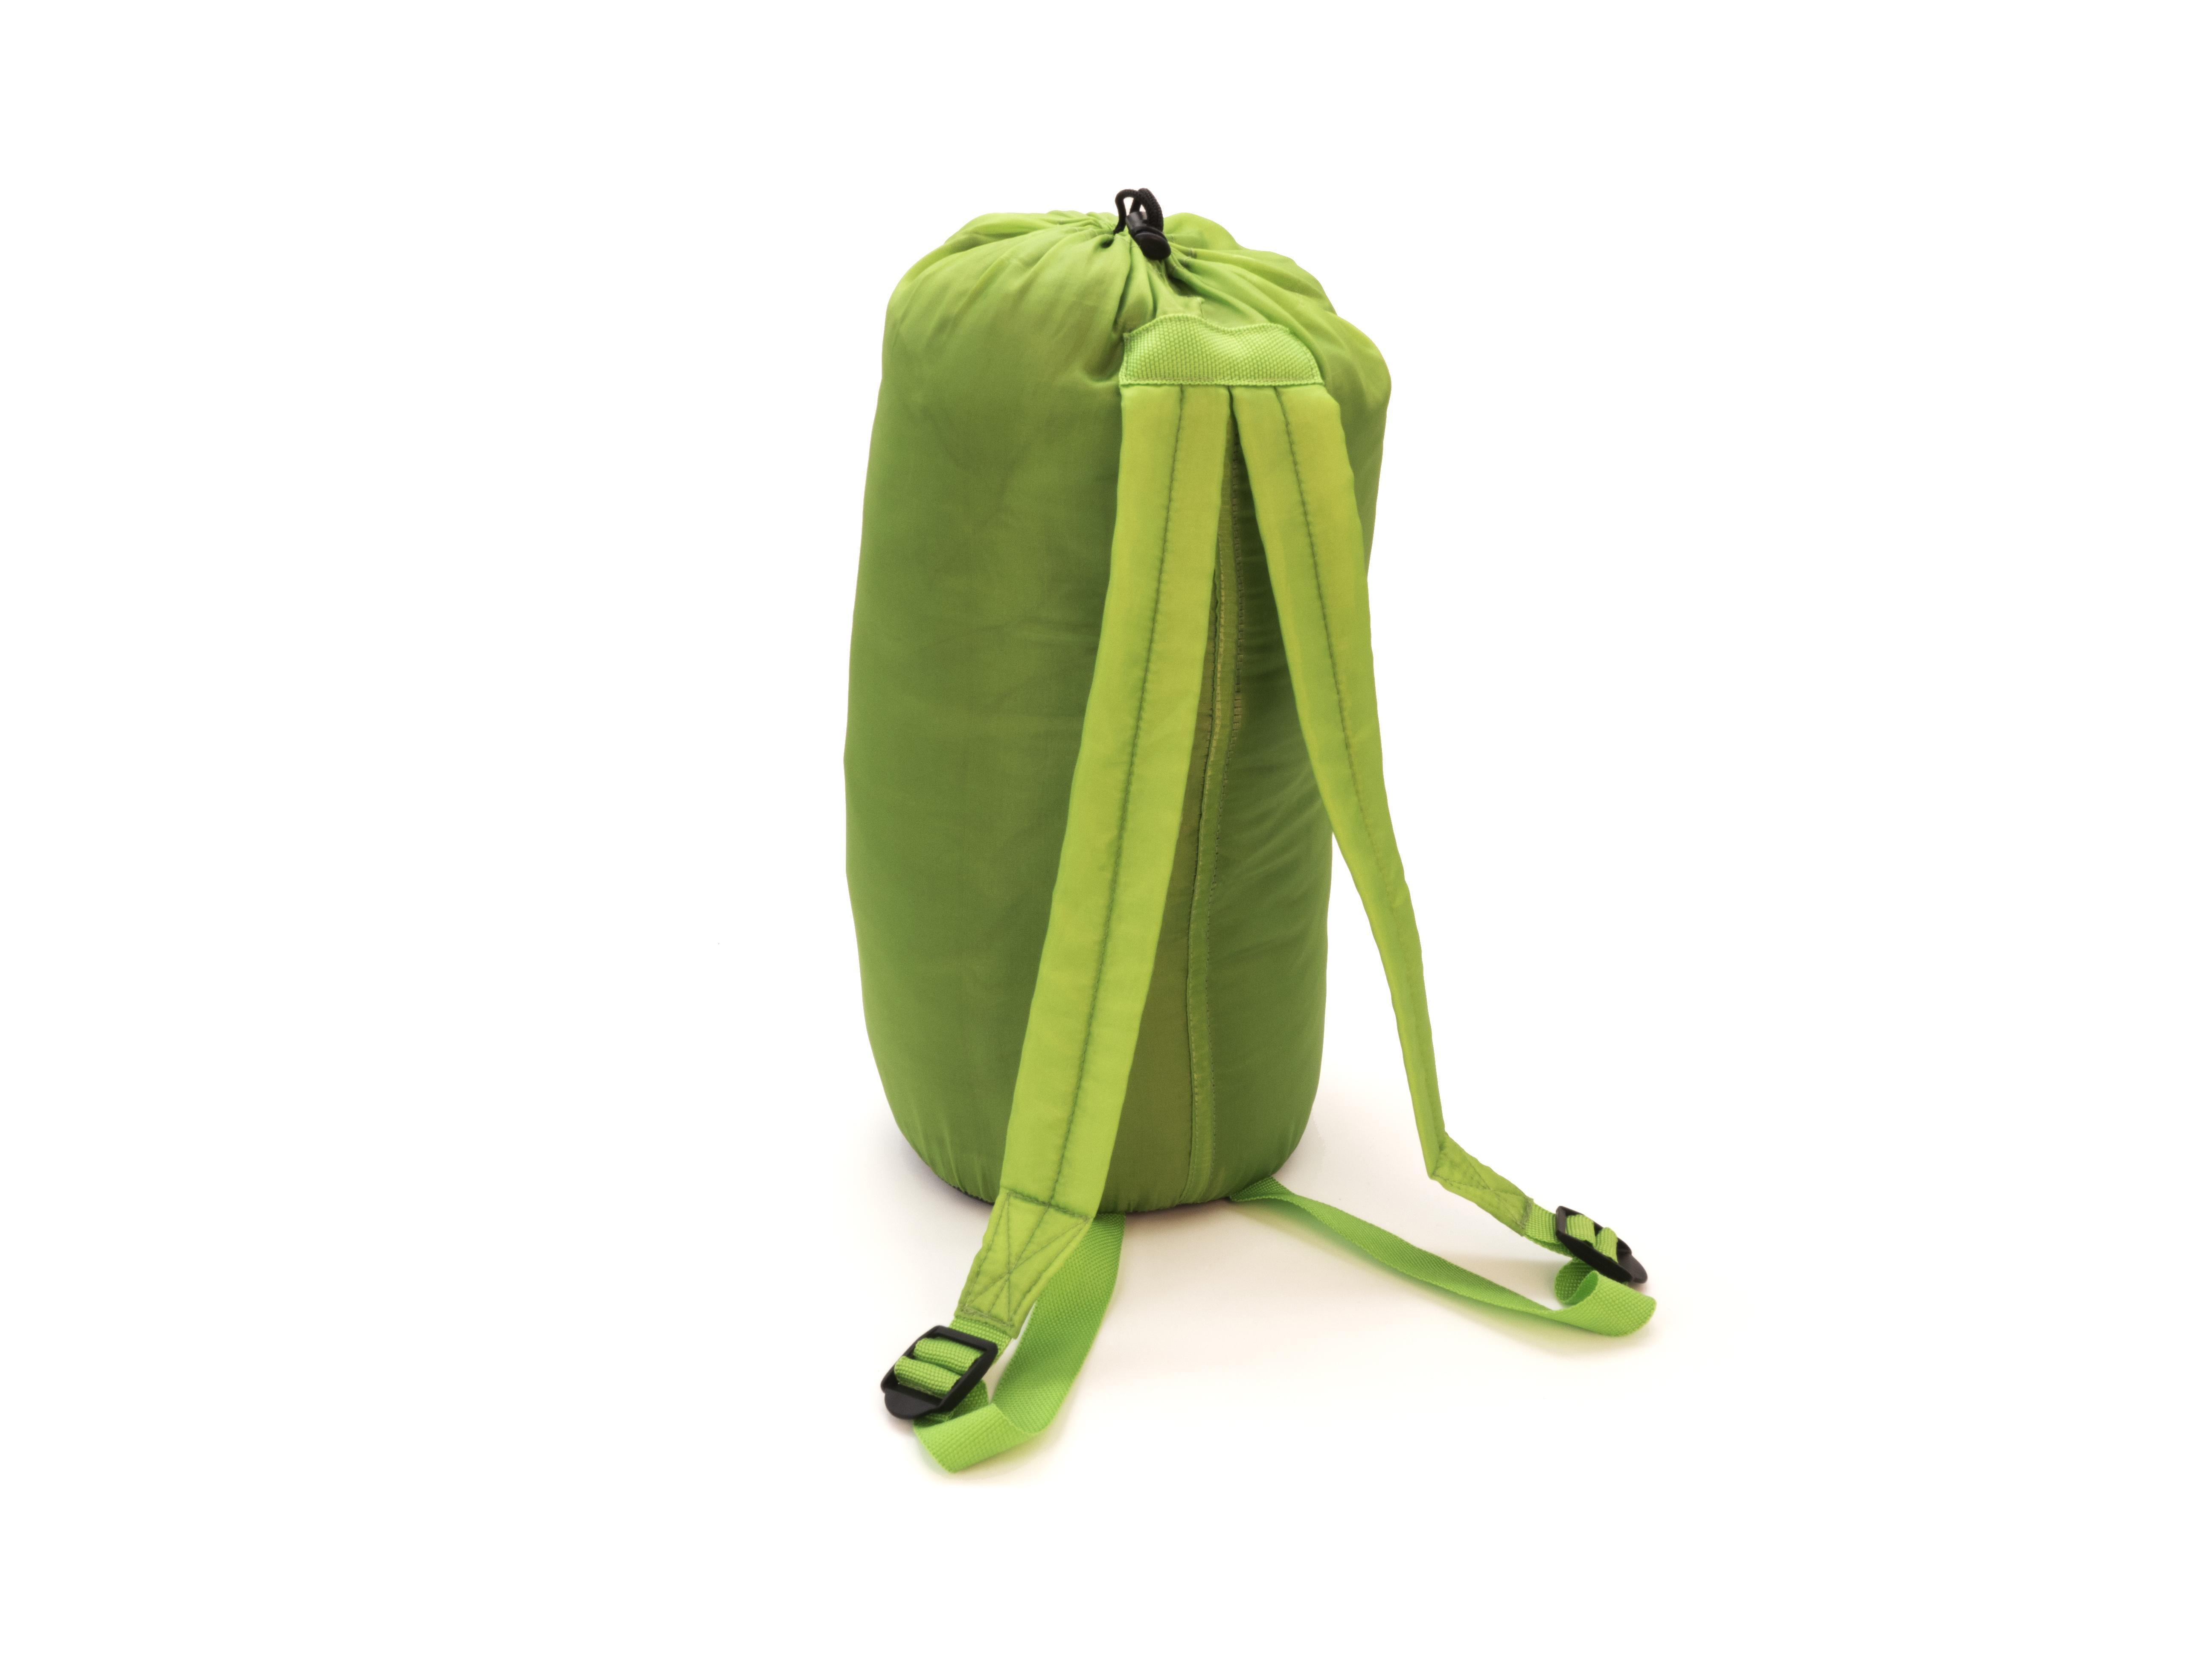 ksij_pickle_rick_sleeping_bag_bag2